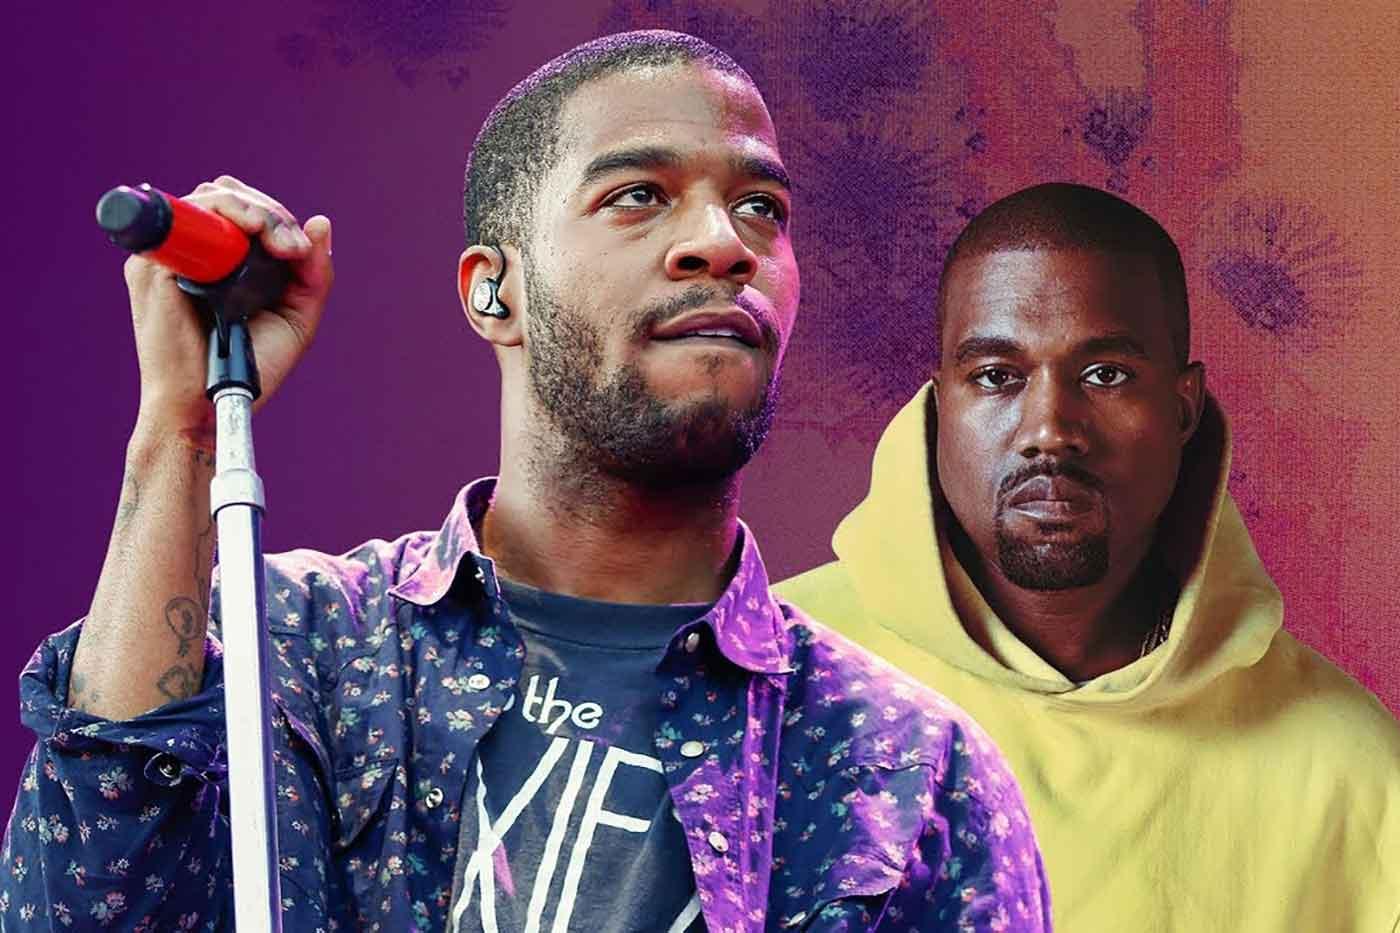 Los mejores discos de rap internacional de 2018